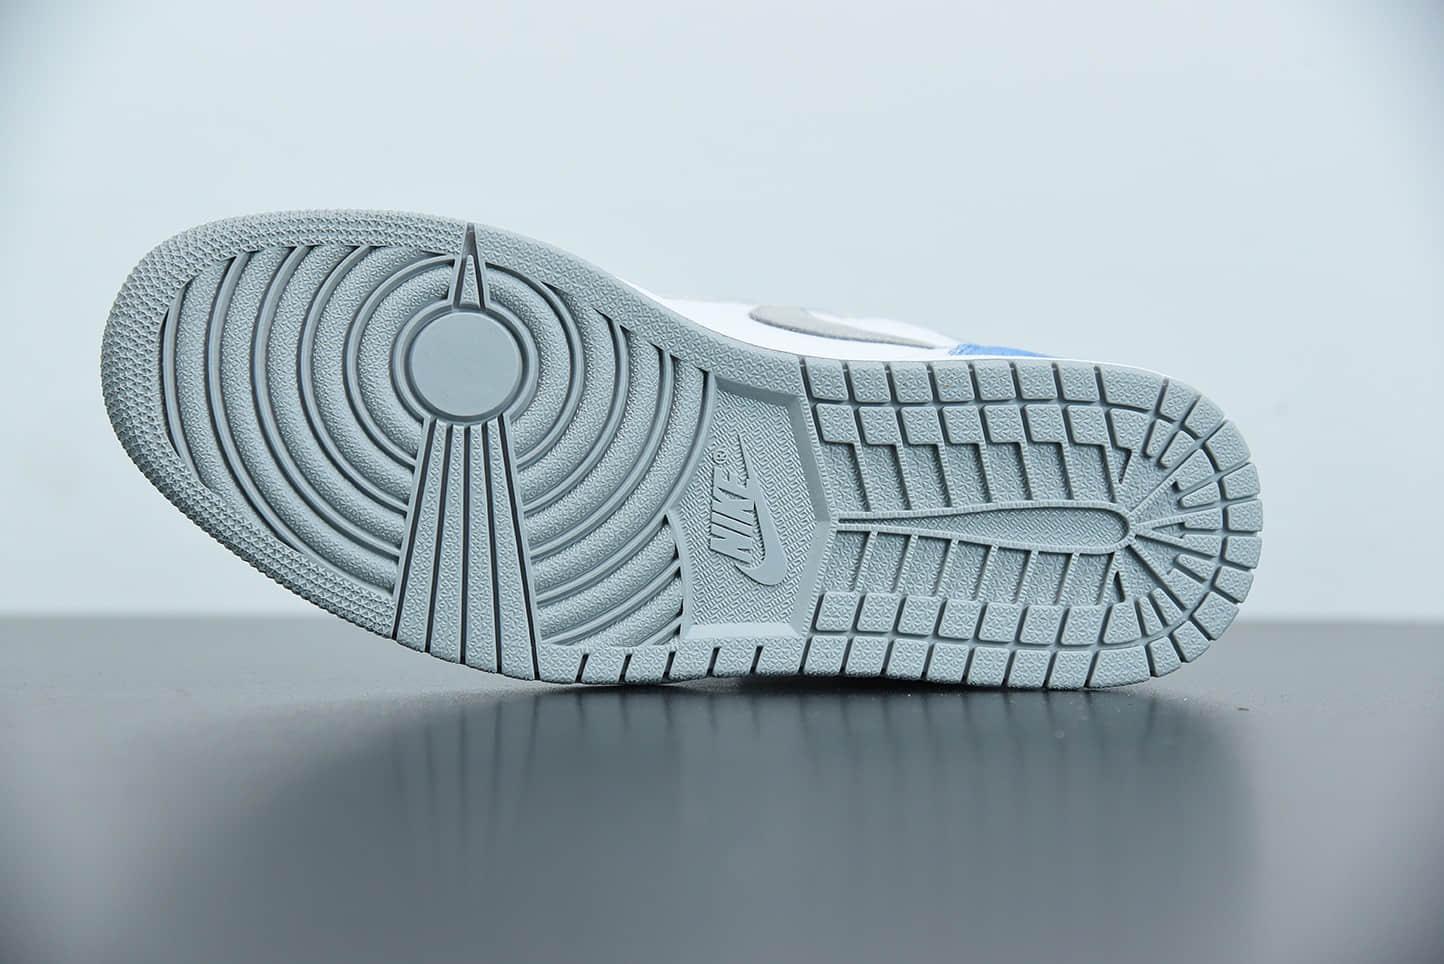 乔丹Air Jordan 1 Hyper Royal水洗北卡蓝高帮篮球鞋纯原版本 货号: 555088-402